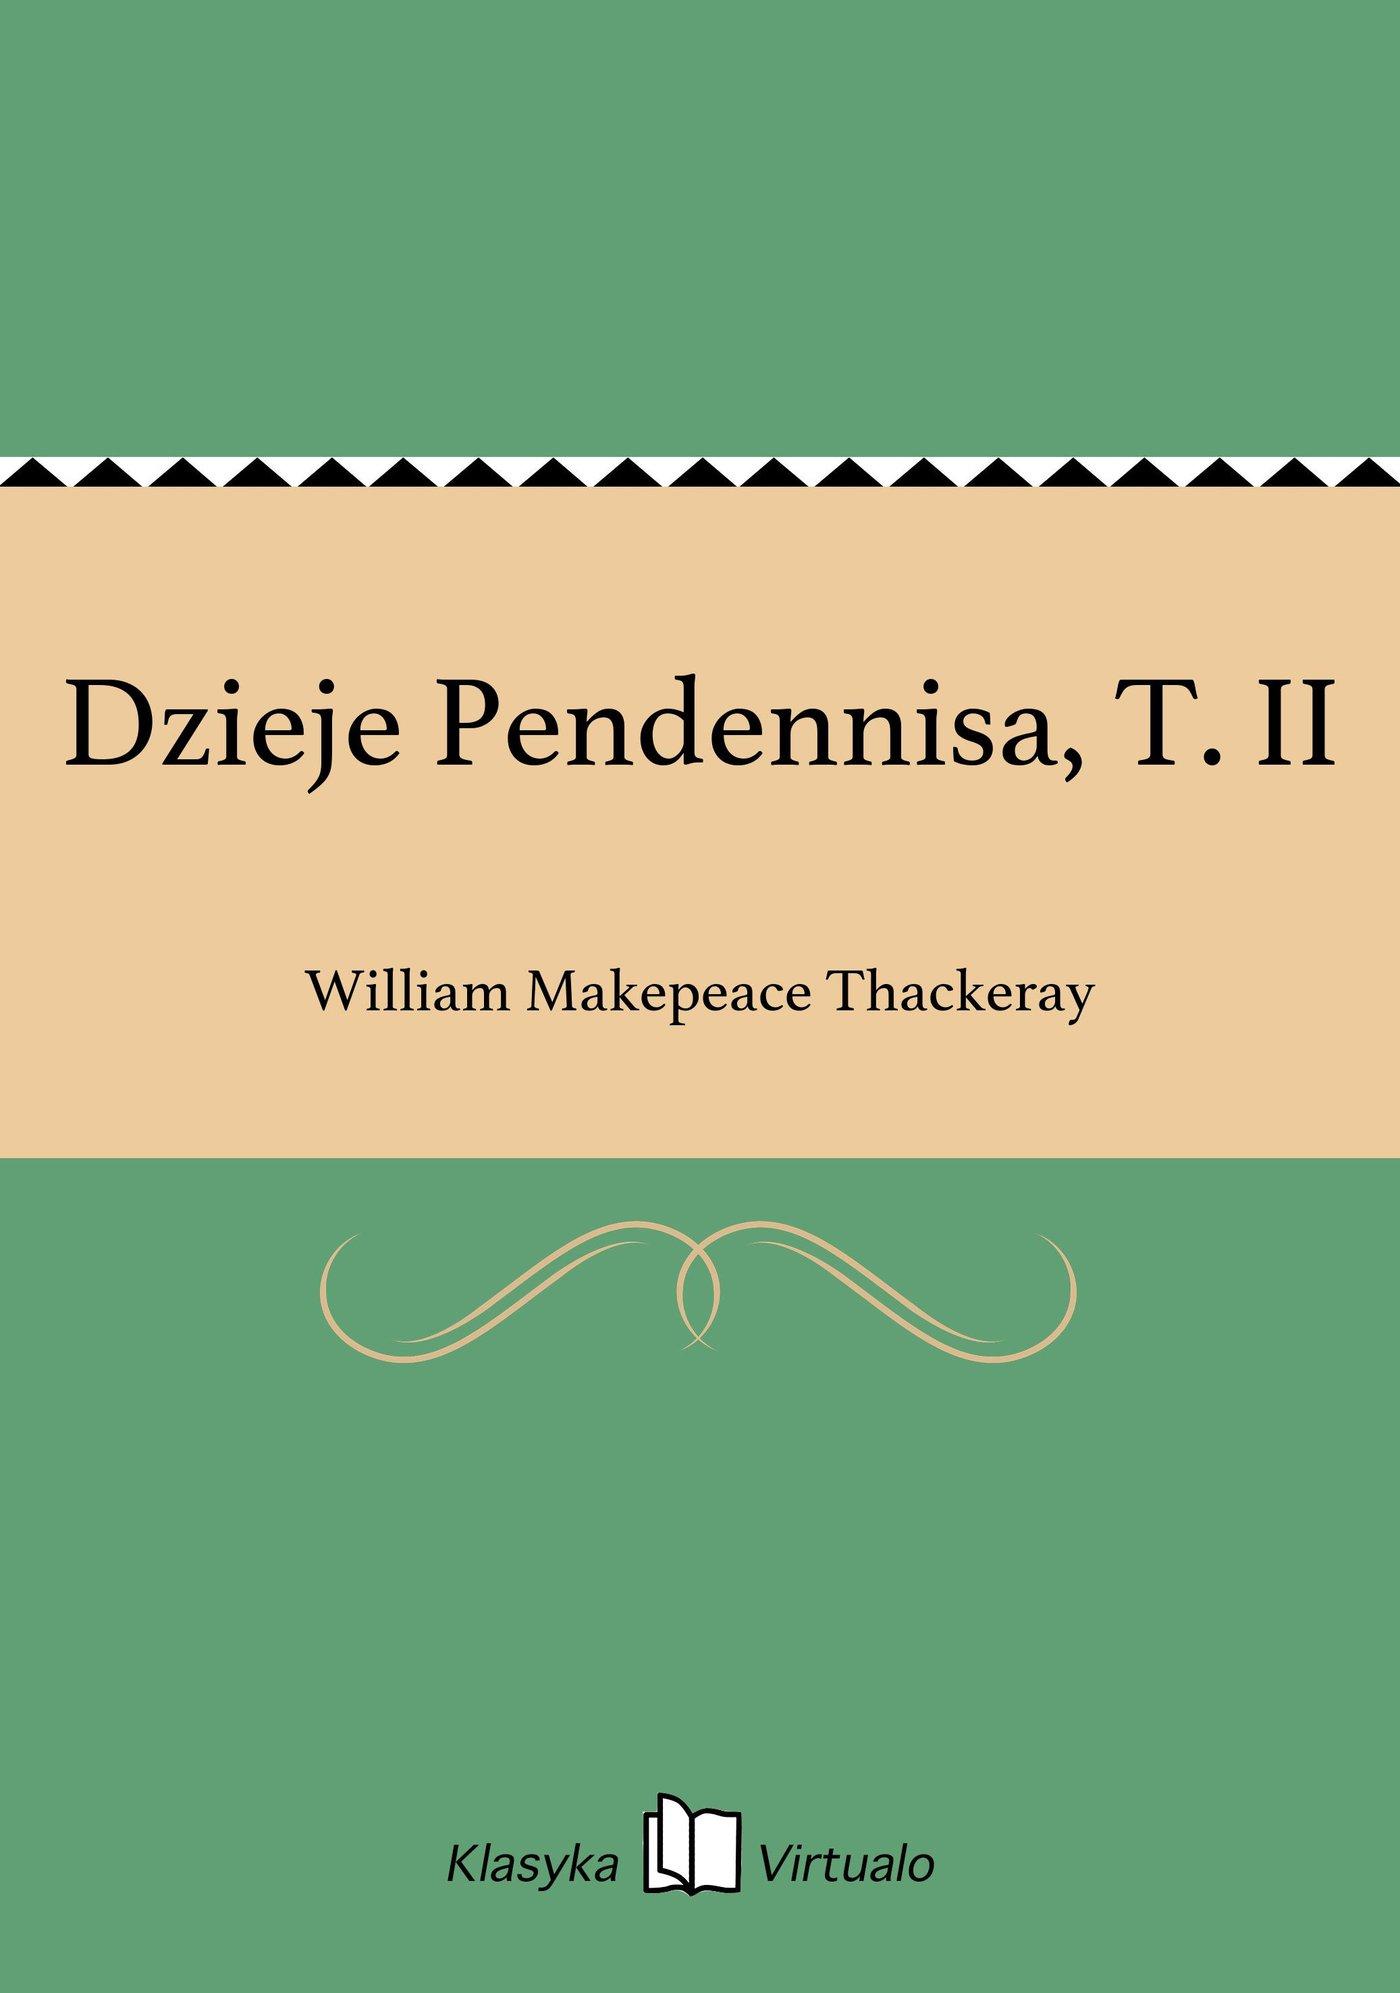 Dzieje Pendennisa, T. II - Ebook (Książka EPUB) do pobrania w formacie EPUB